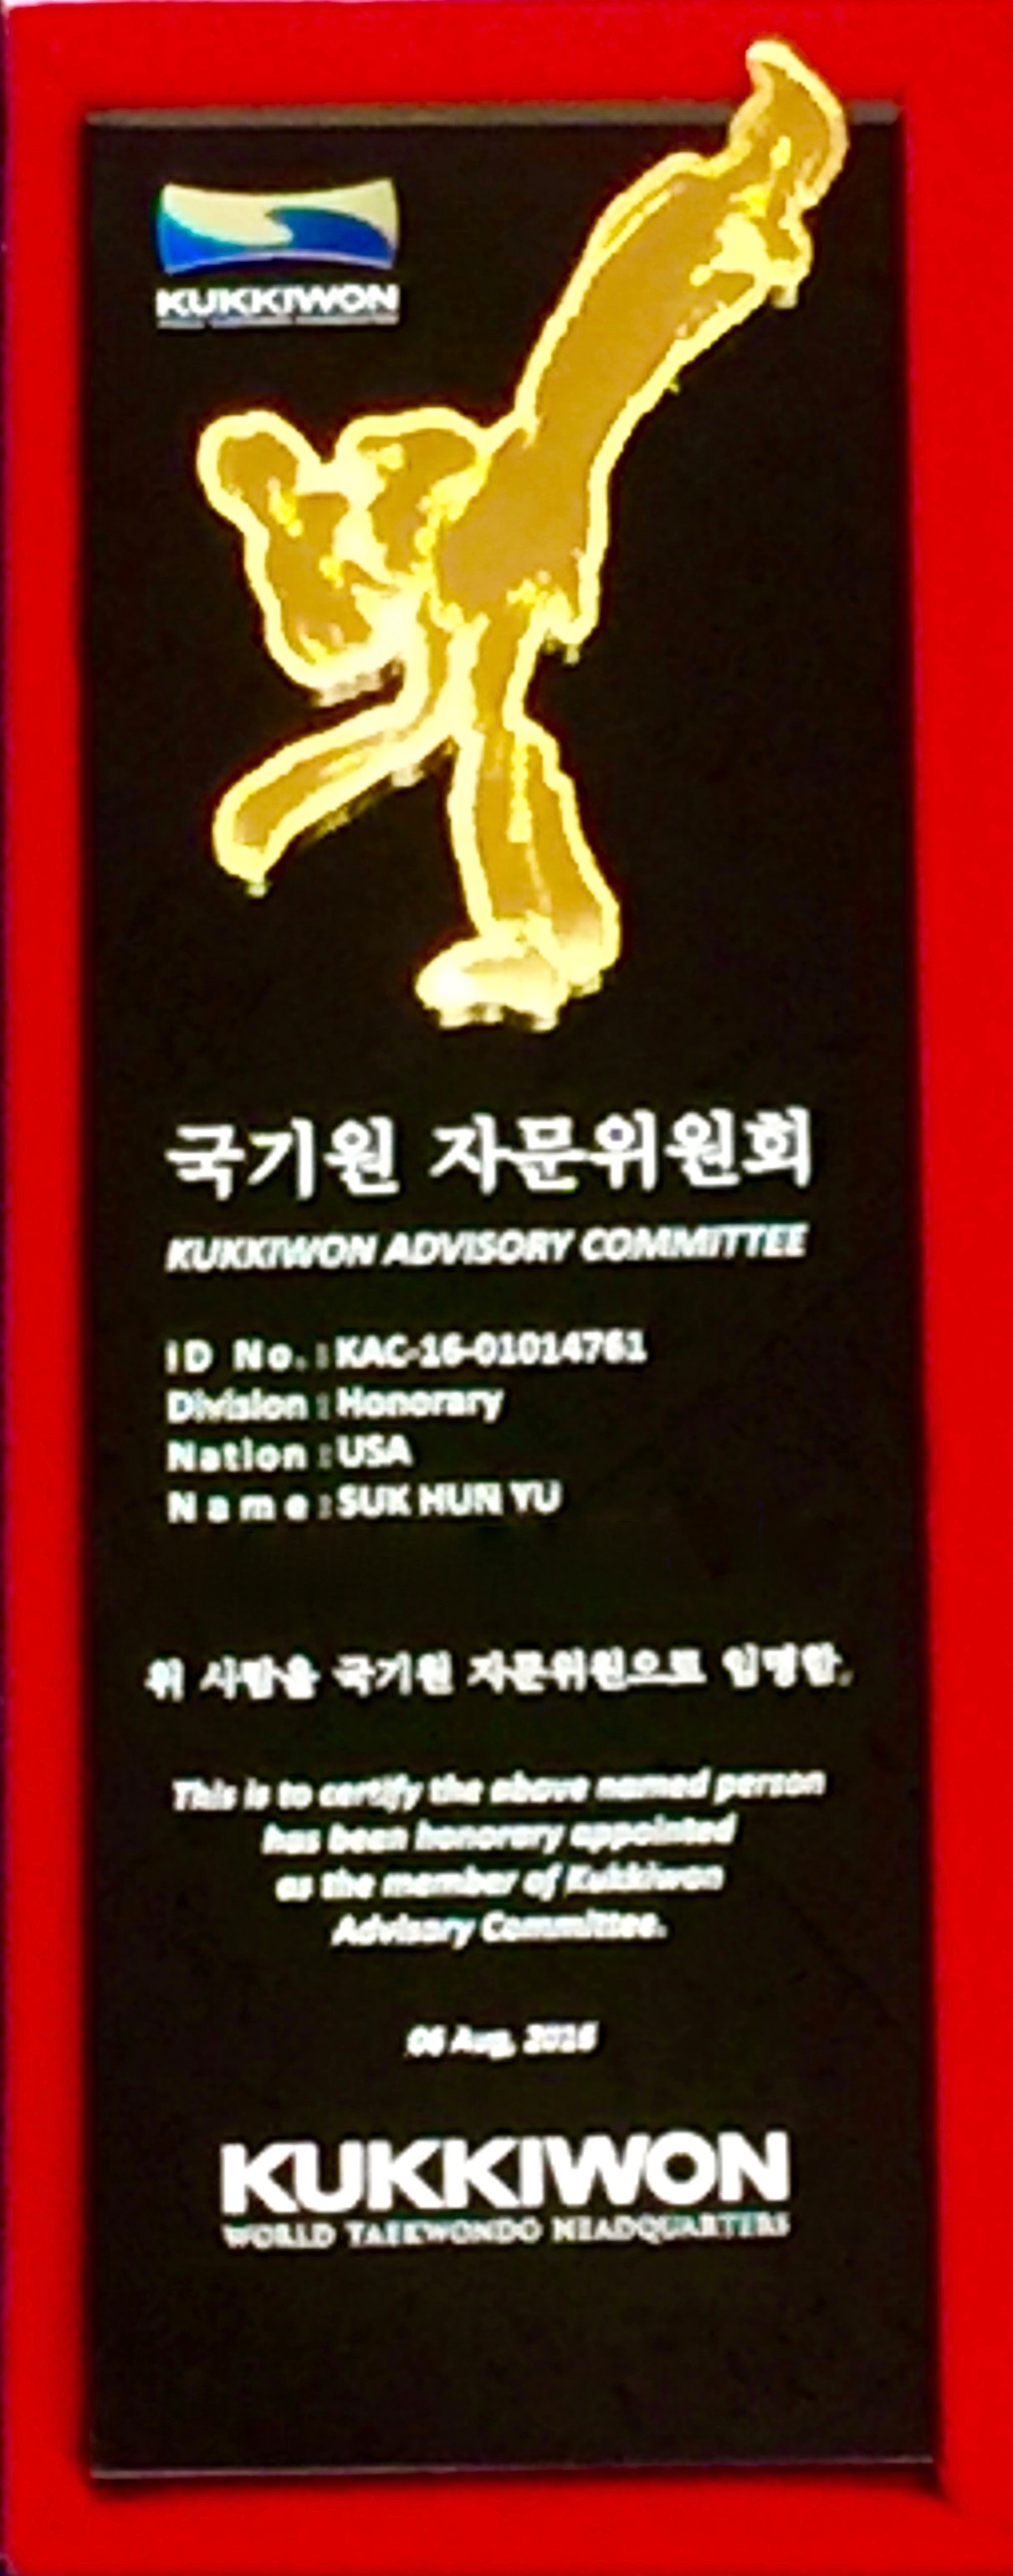 kukkiwon-world-tae-kwon-do-headquarters-international-advisory-board-recogition-plaque